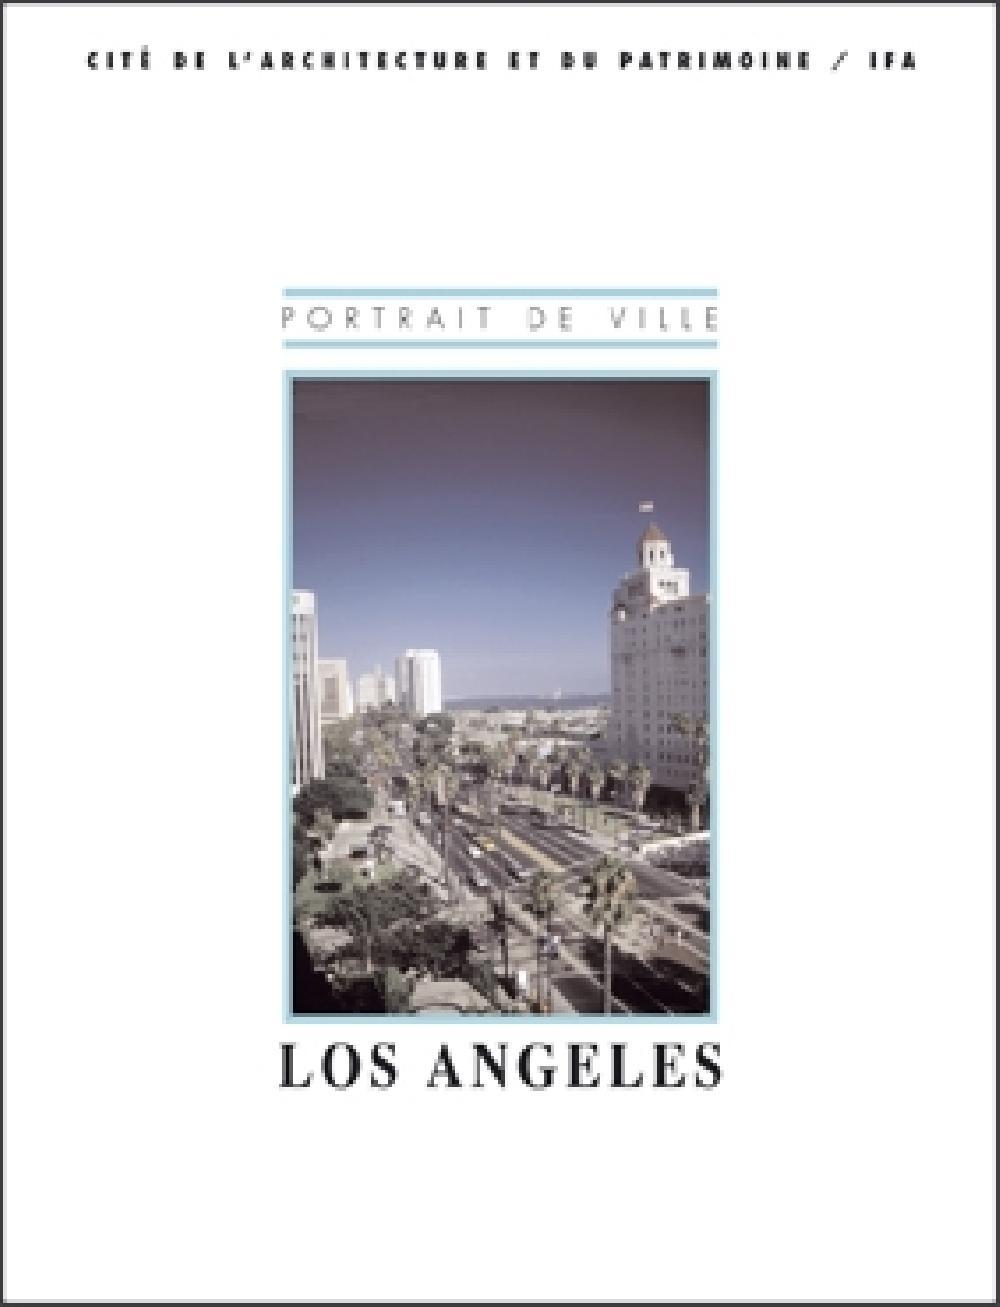 Los Angeles / Portrait de Ville